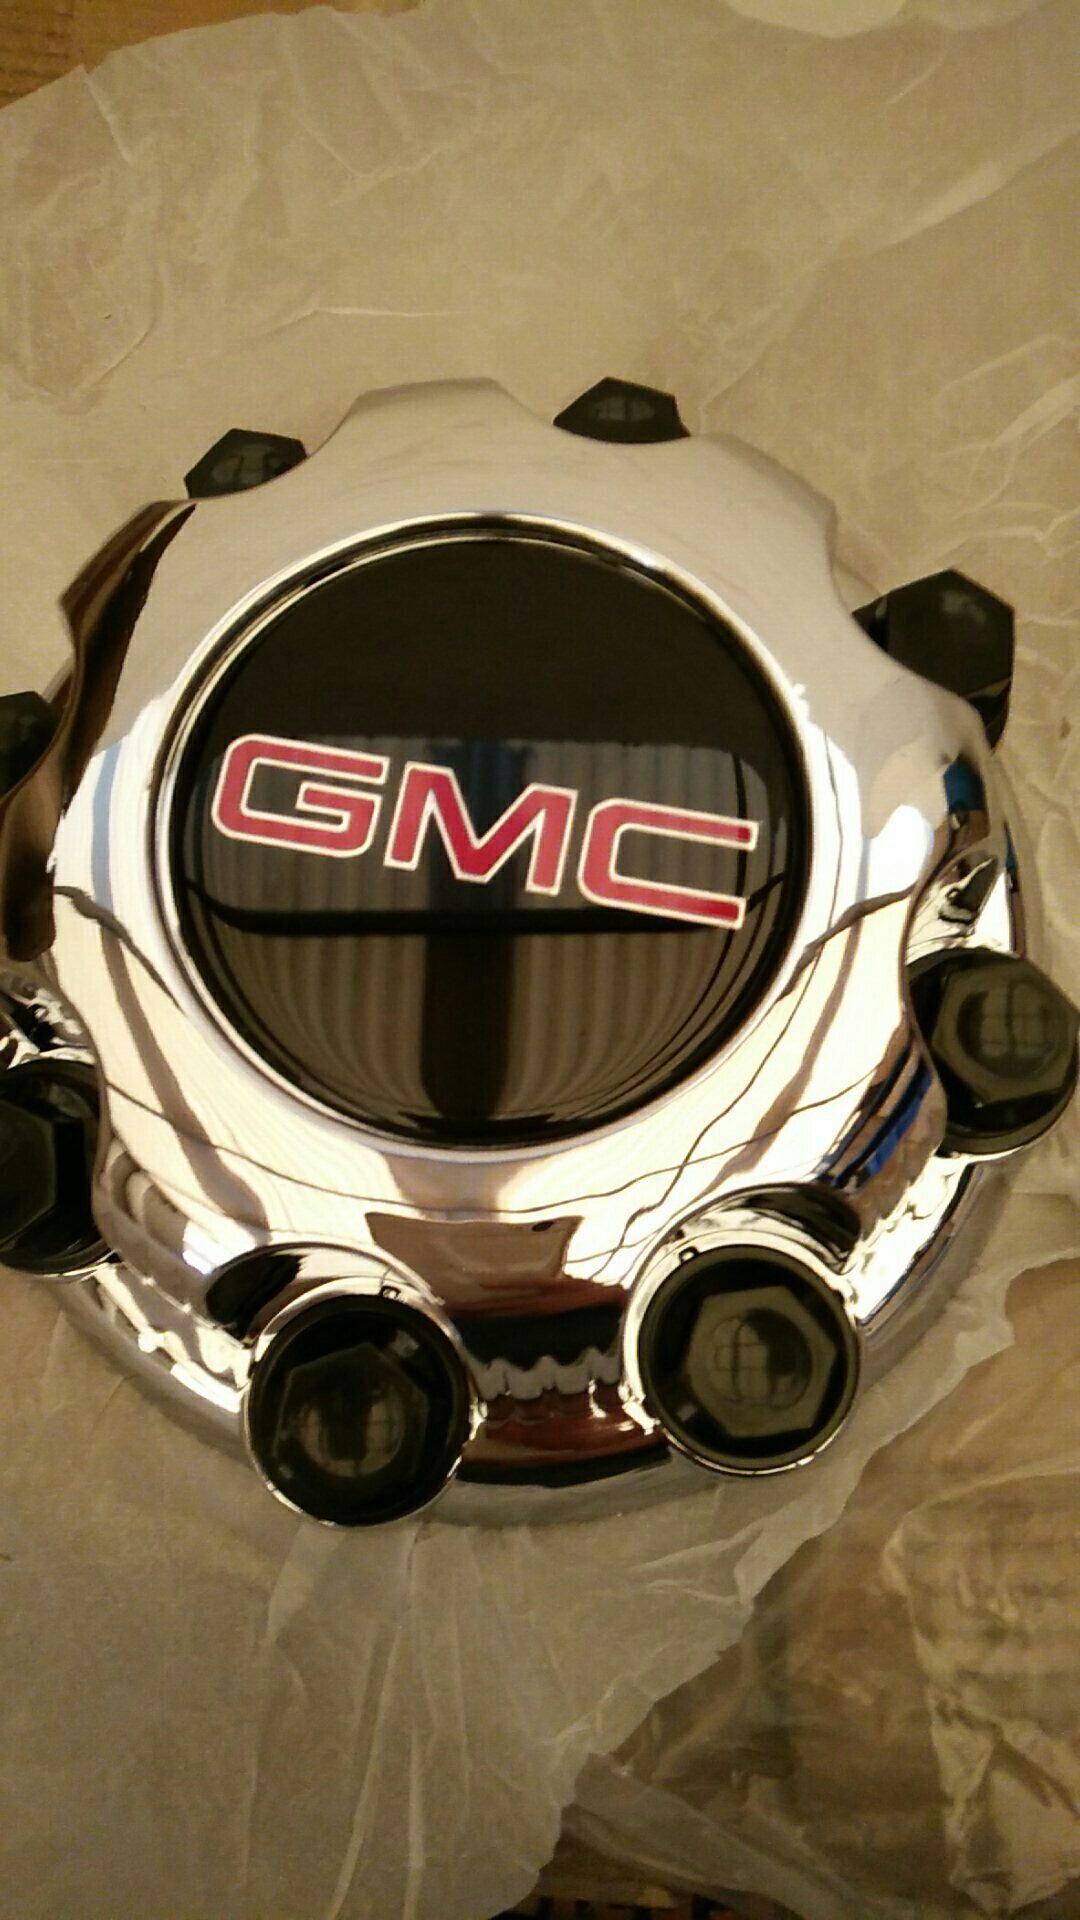 Gmc Wheel Center Cap